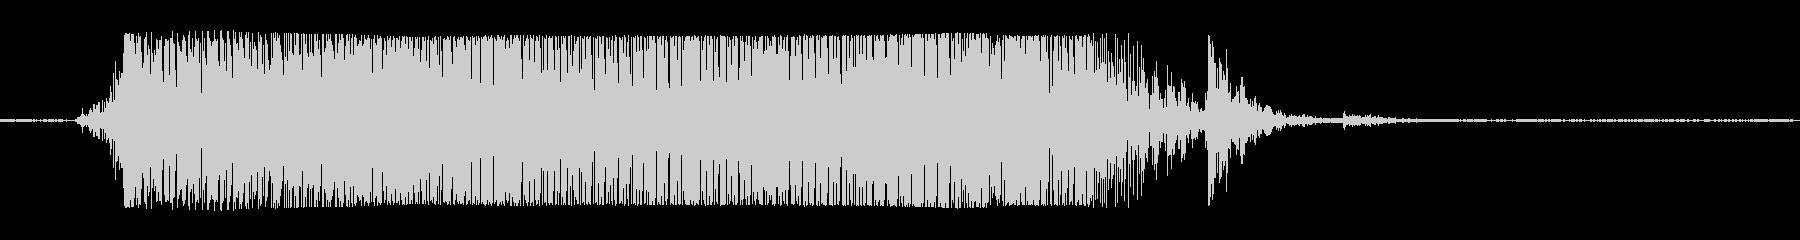 ギターメタルパワーコードkの未再生の波形